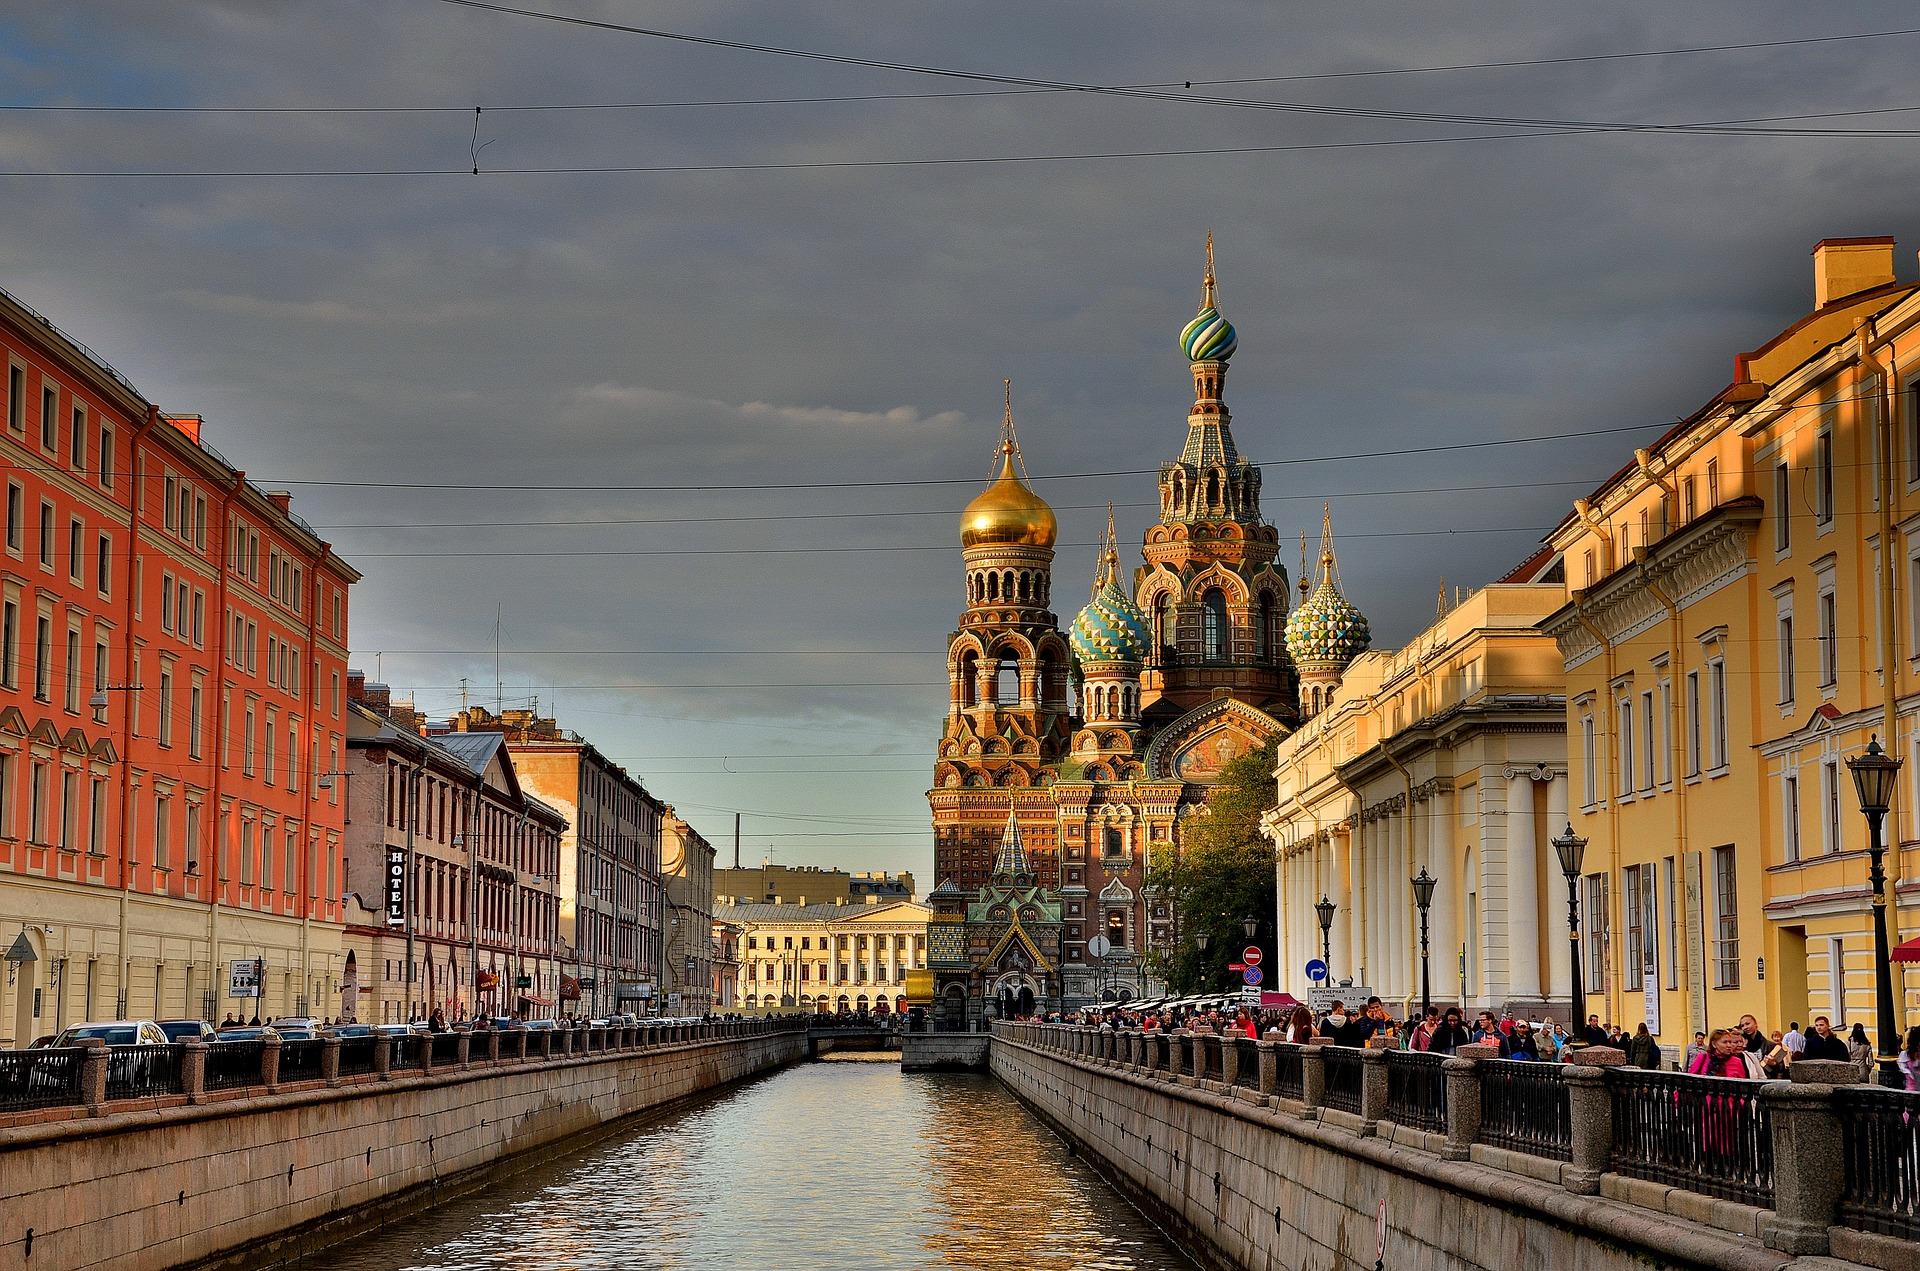 San Pietroburgo, Russia - Foto di Georg Adler